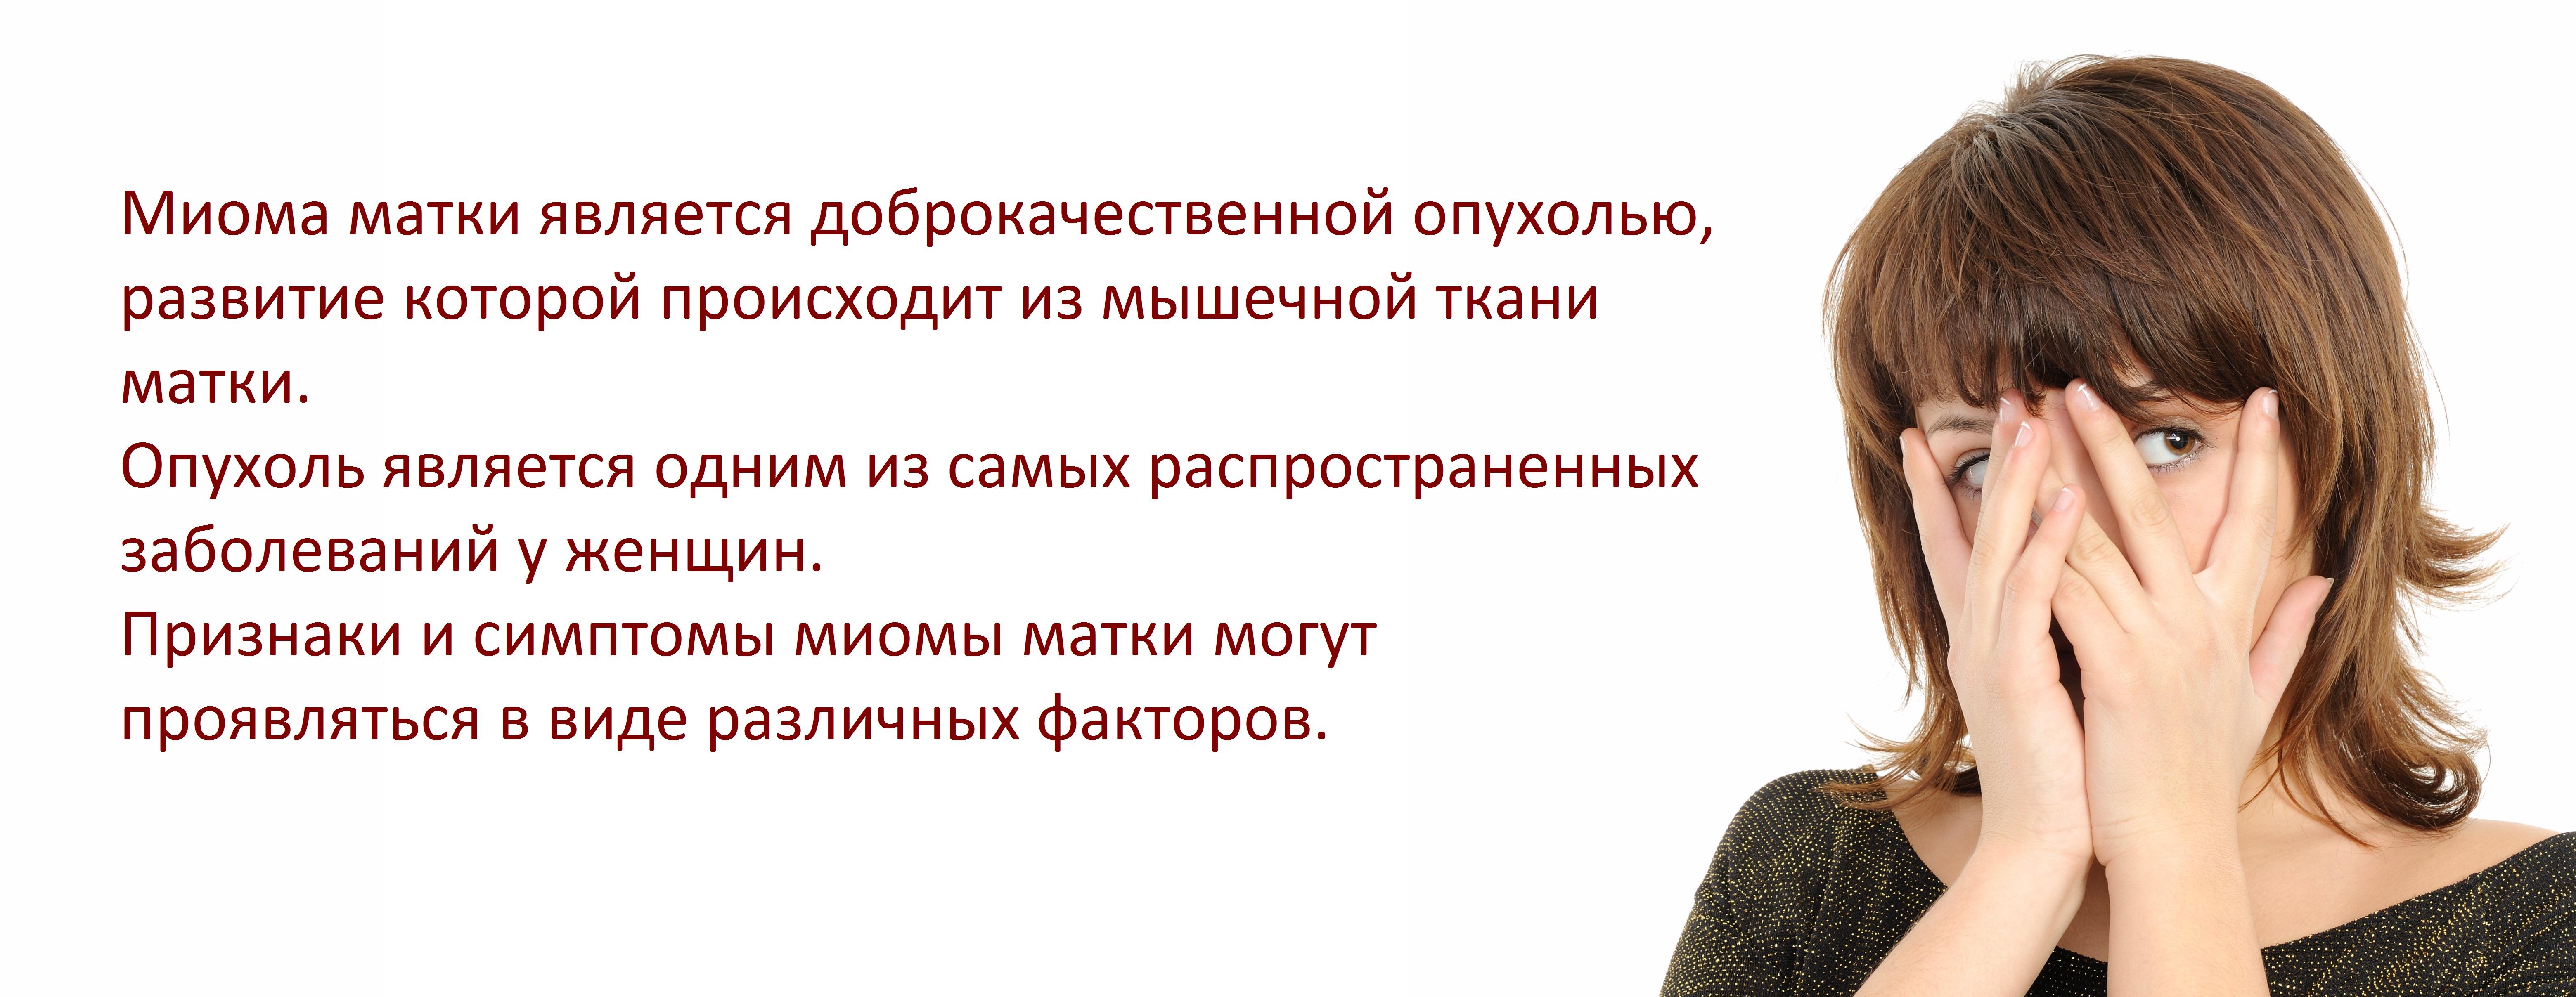 Лечение миомы матки в Москве